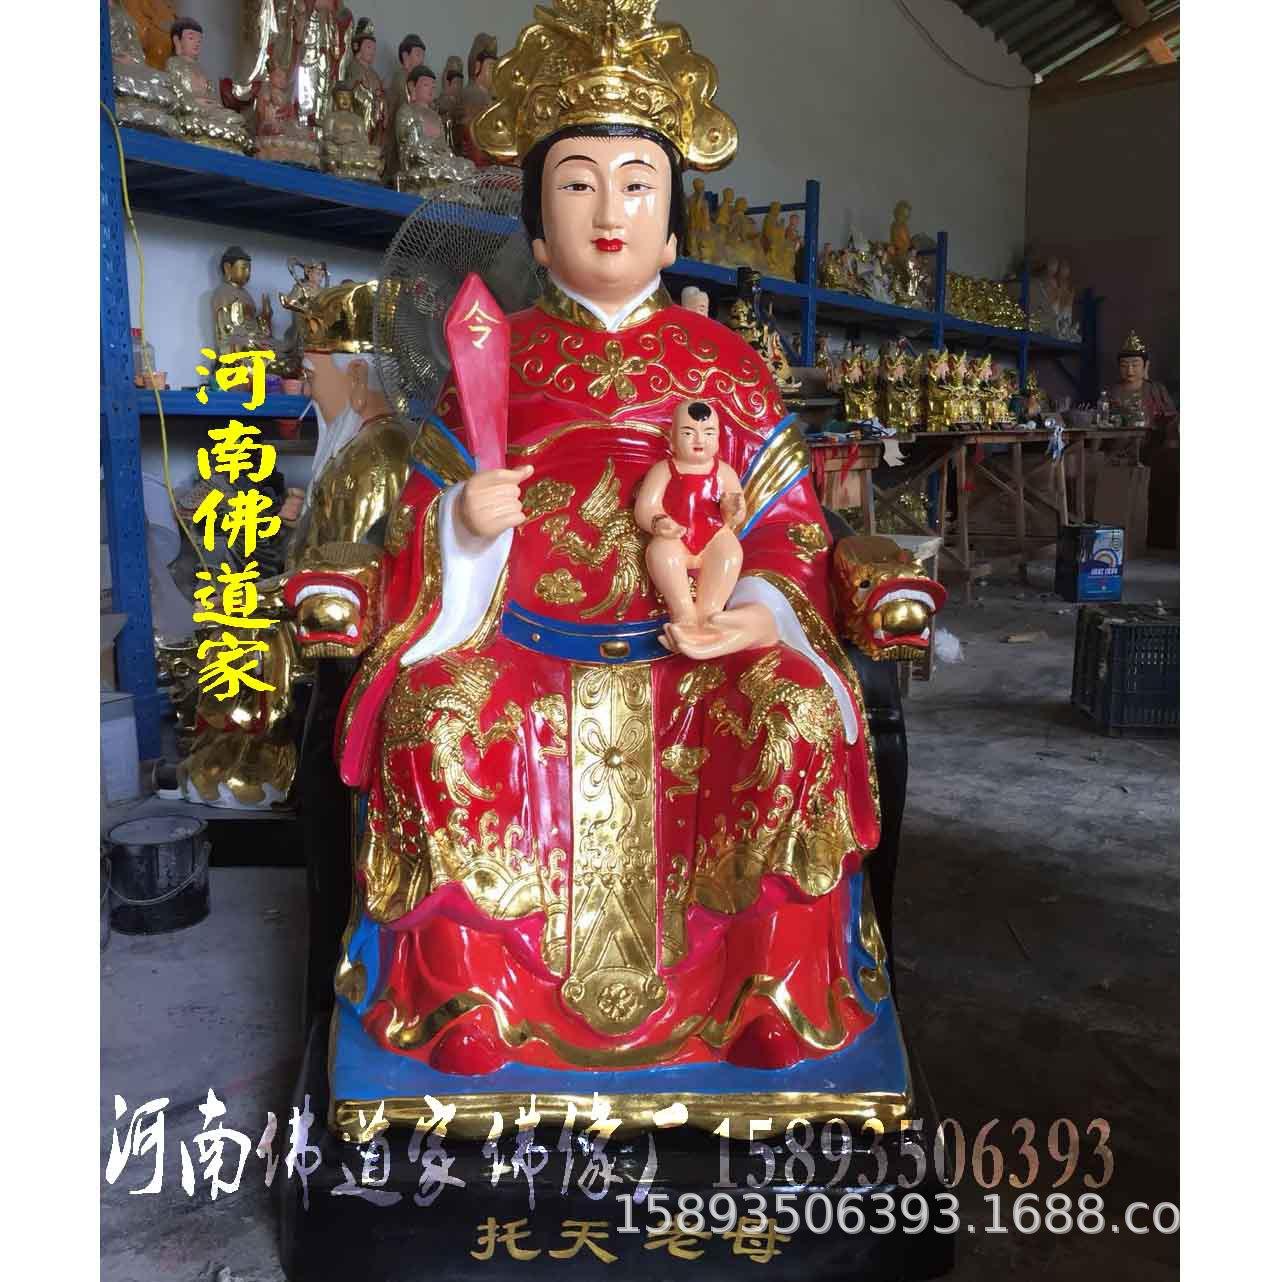 天盘老母是哪位神仙 天盘老母神像厂家 天盘老祖神像 河南佛道家示例图4